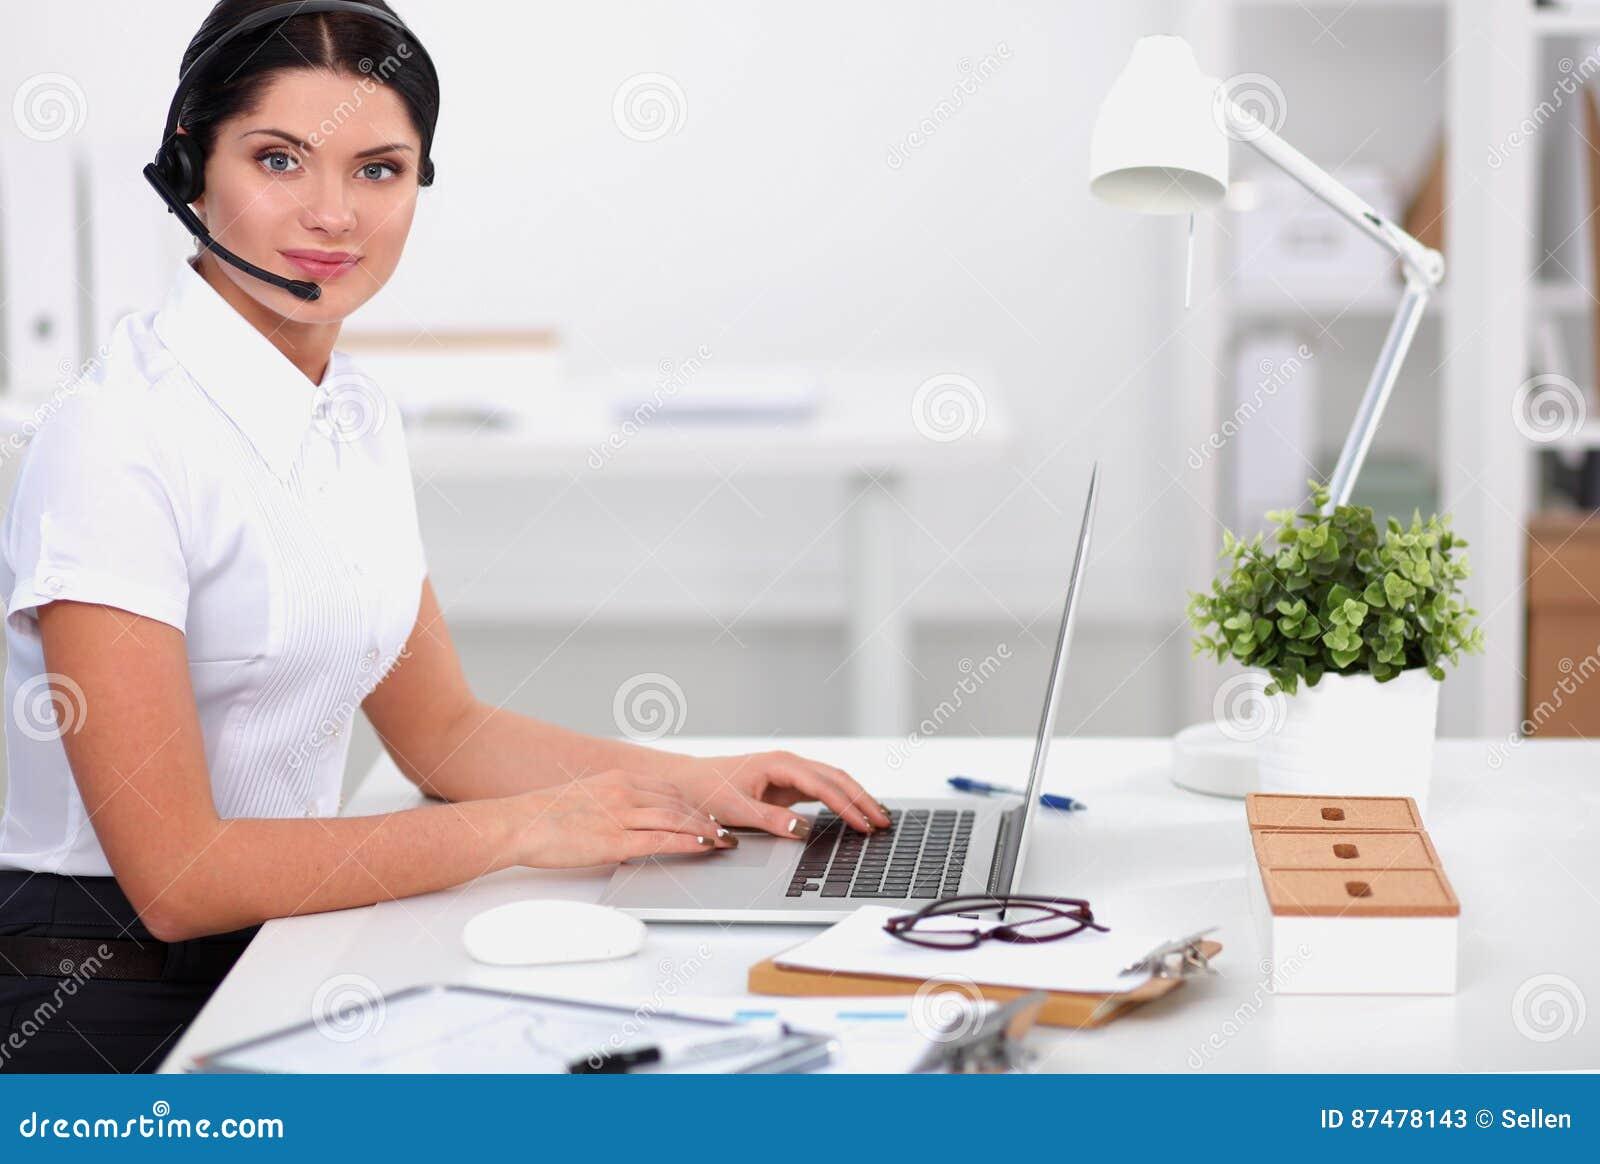 Портрет конца-вверх агента обслуживания клиента сидя на офисе